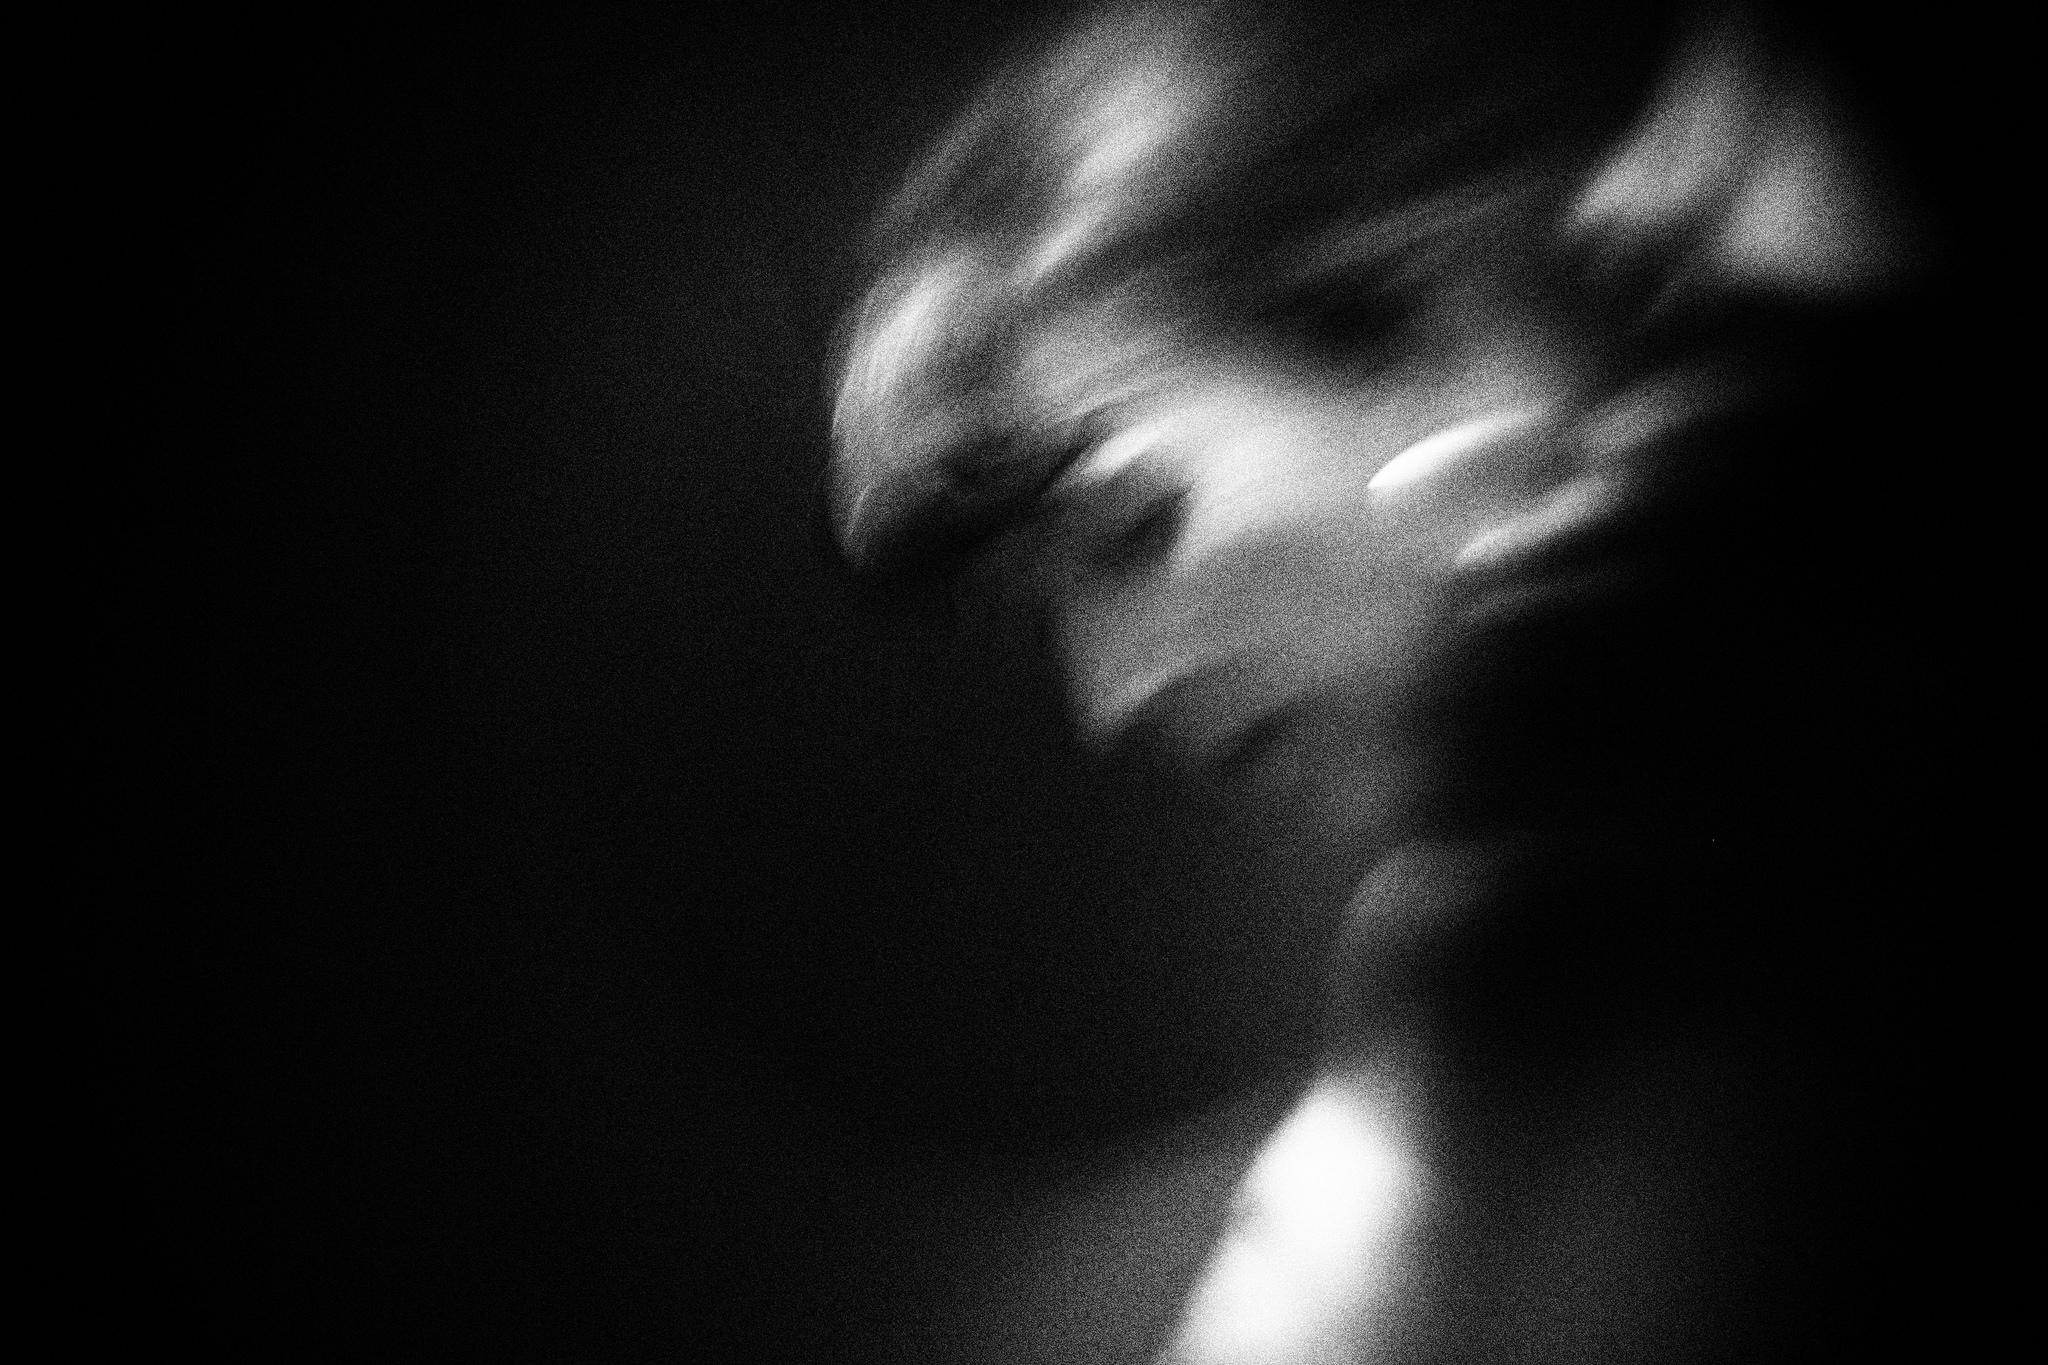 Enquête – Ces plaintes de femmes violentées refusées ou bâclées